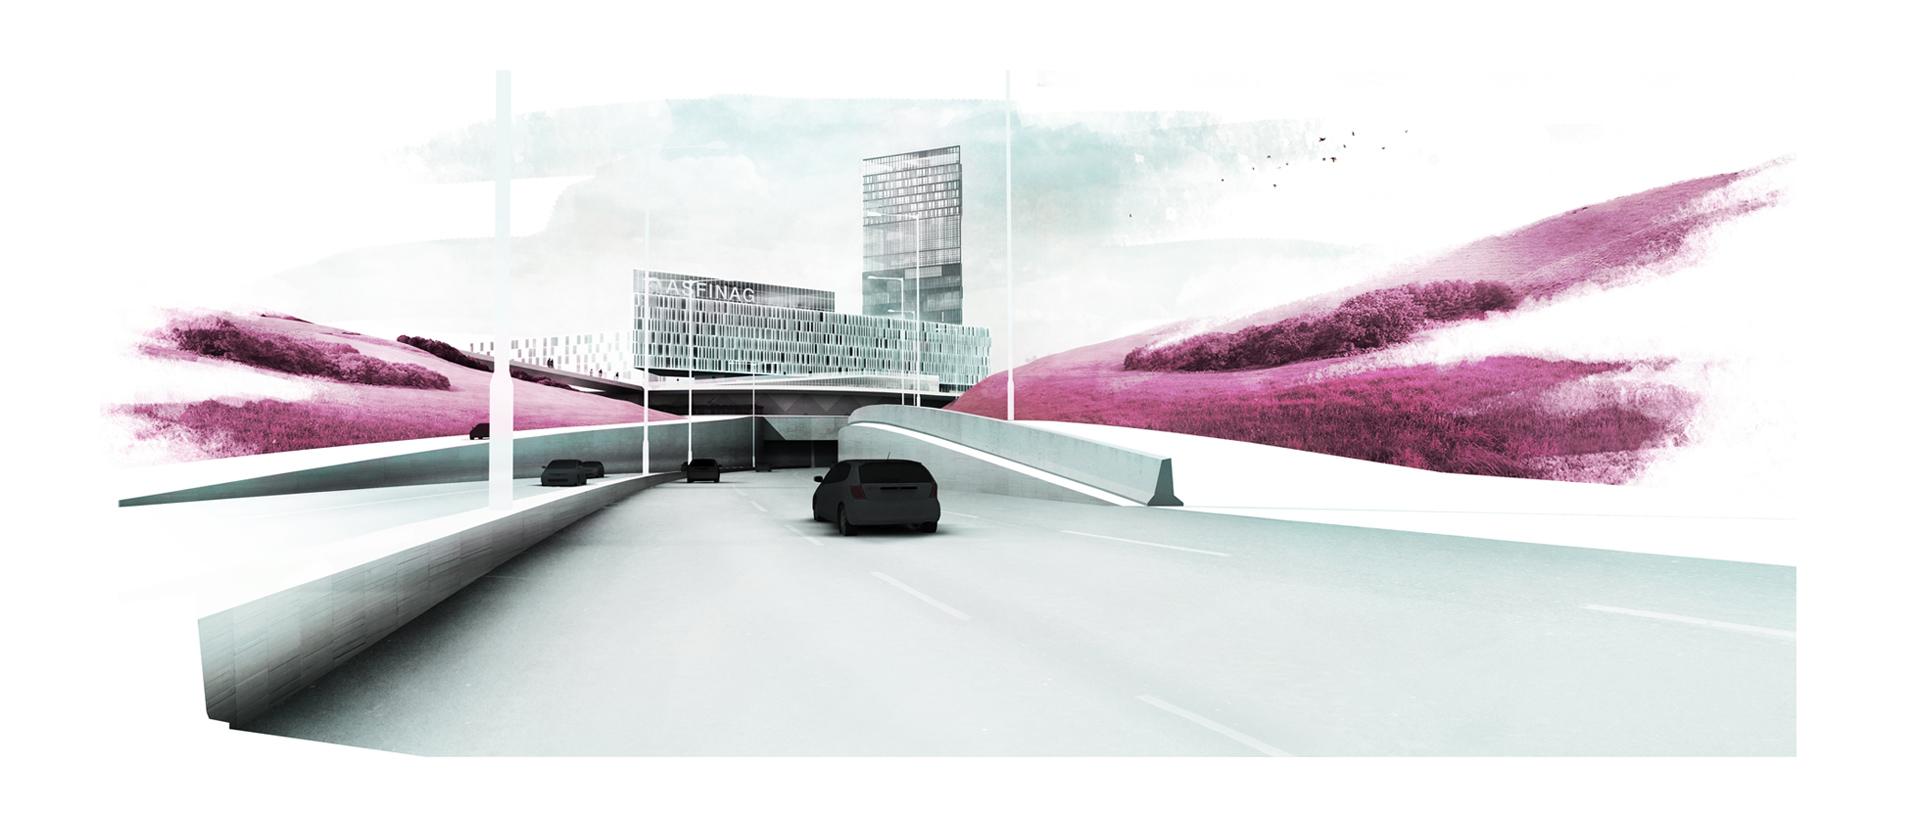 Workshop Visualización Arquitectura Curso Photoshop VRay Rhinoceros